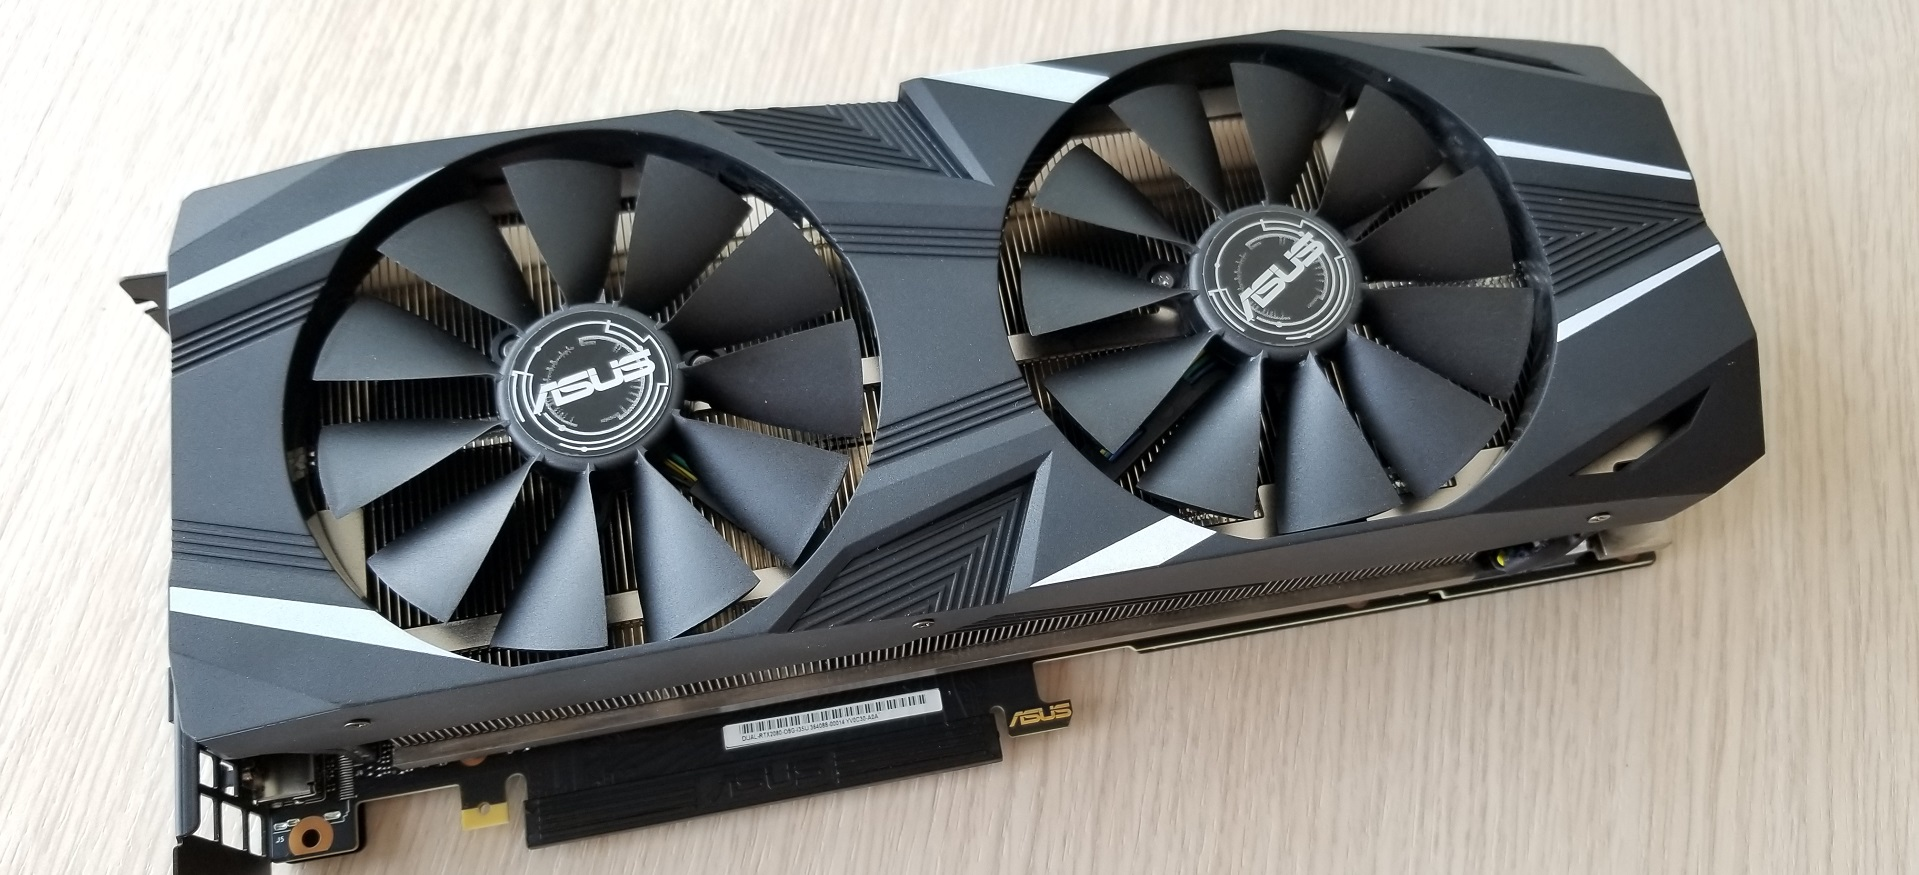 ASUS Dual RTX 2080 OC 8GB – Đánh Giá Gaming Gear